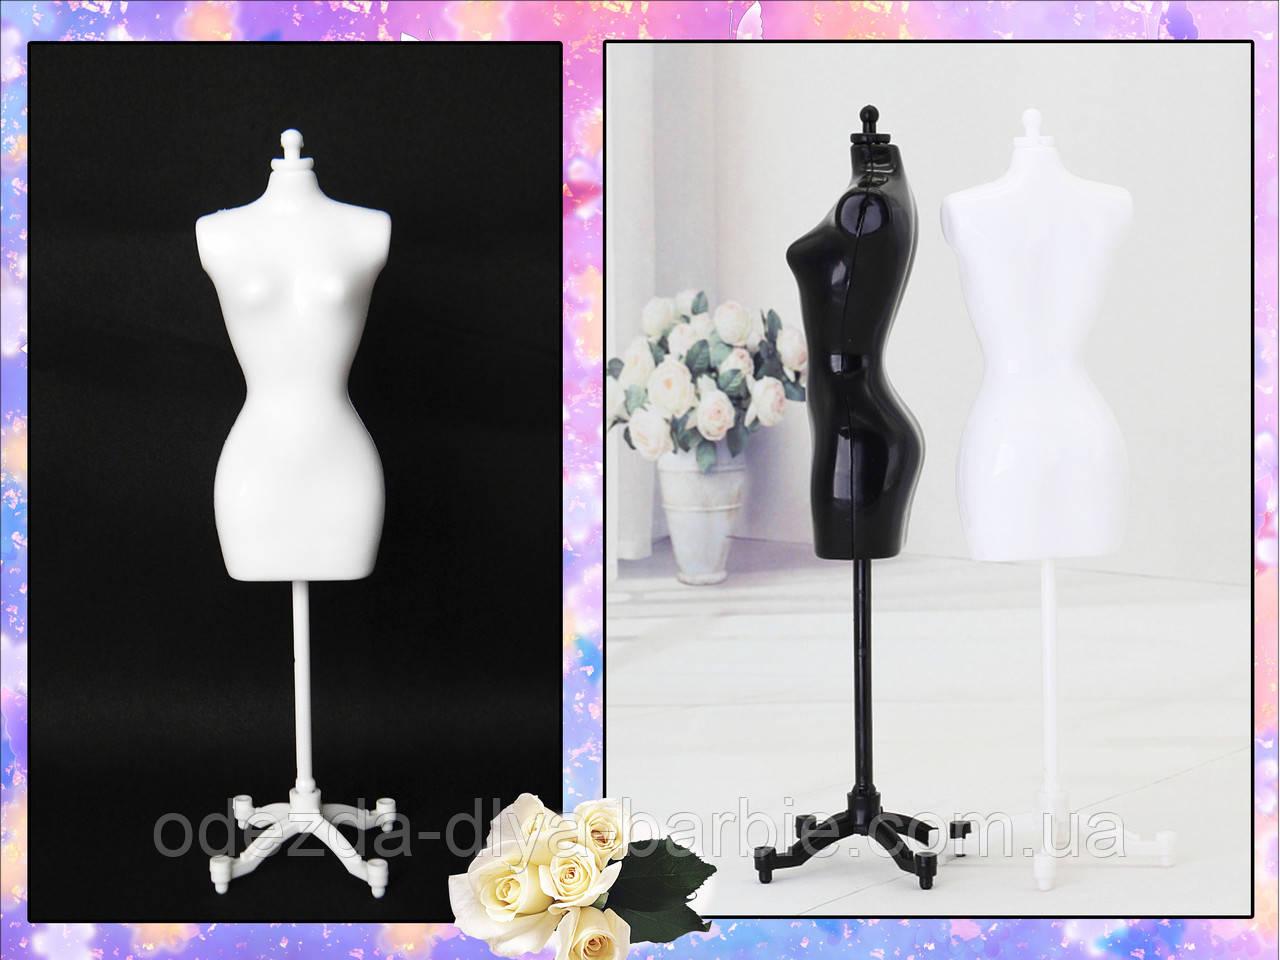 Аксессуары для кукол - манекен для одежды (белый)